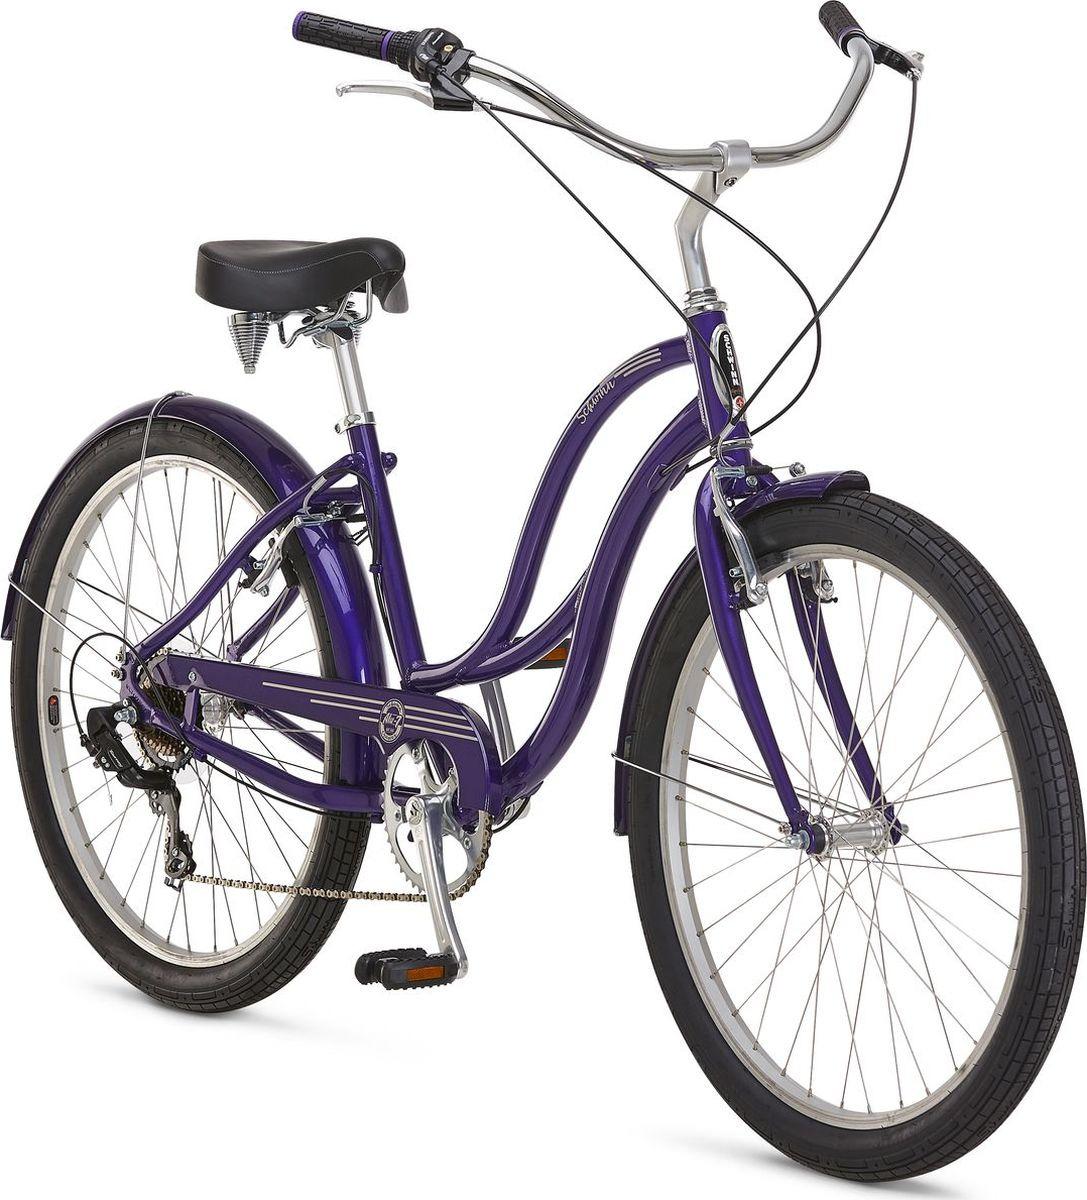 Велосипед городской Schwinn ALU 7 Women, колесо 26, фиолетовый, 7 скоростей